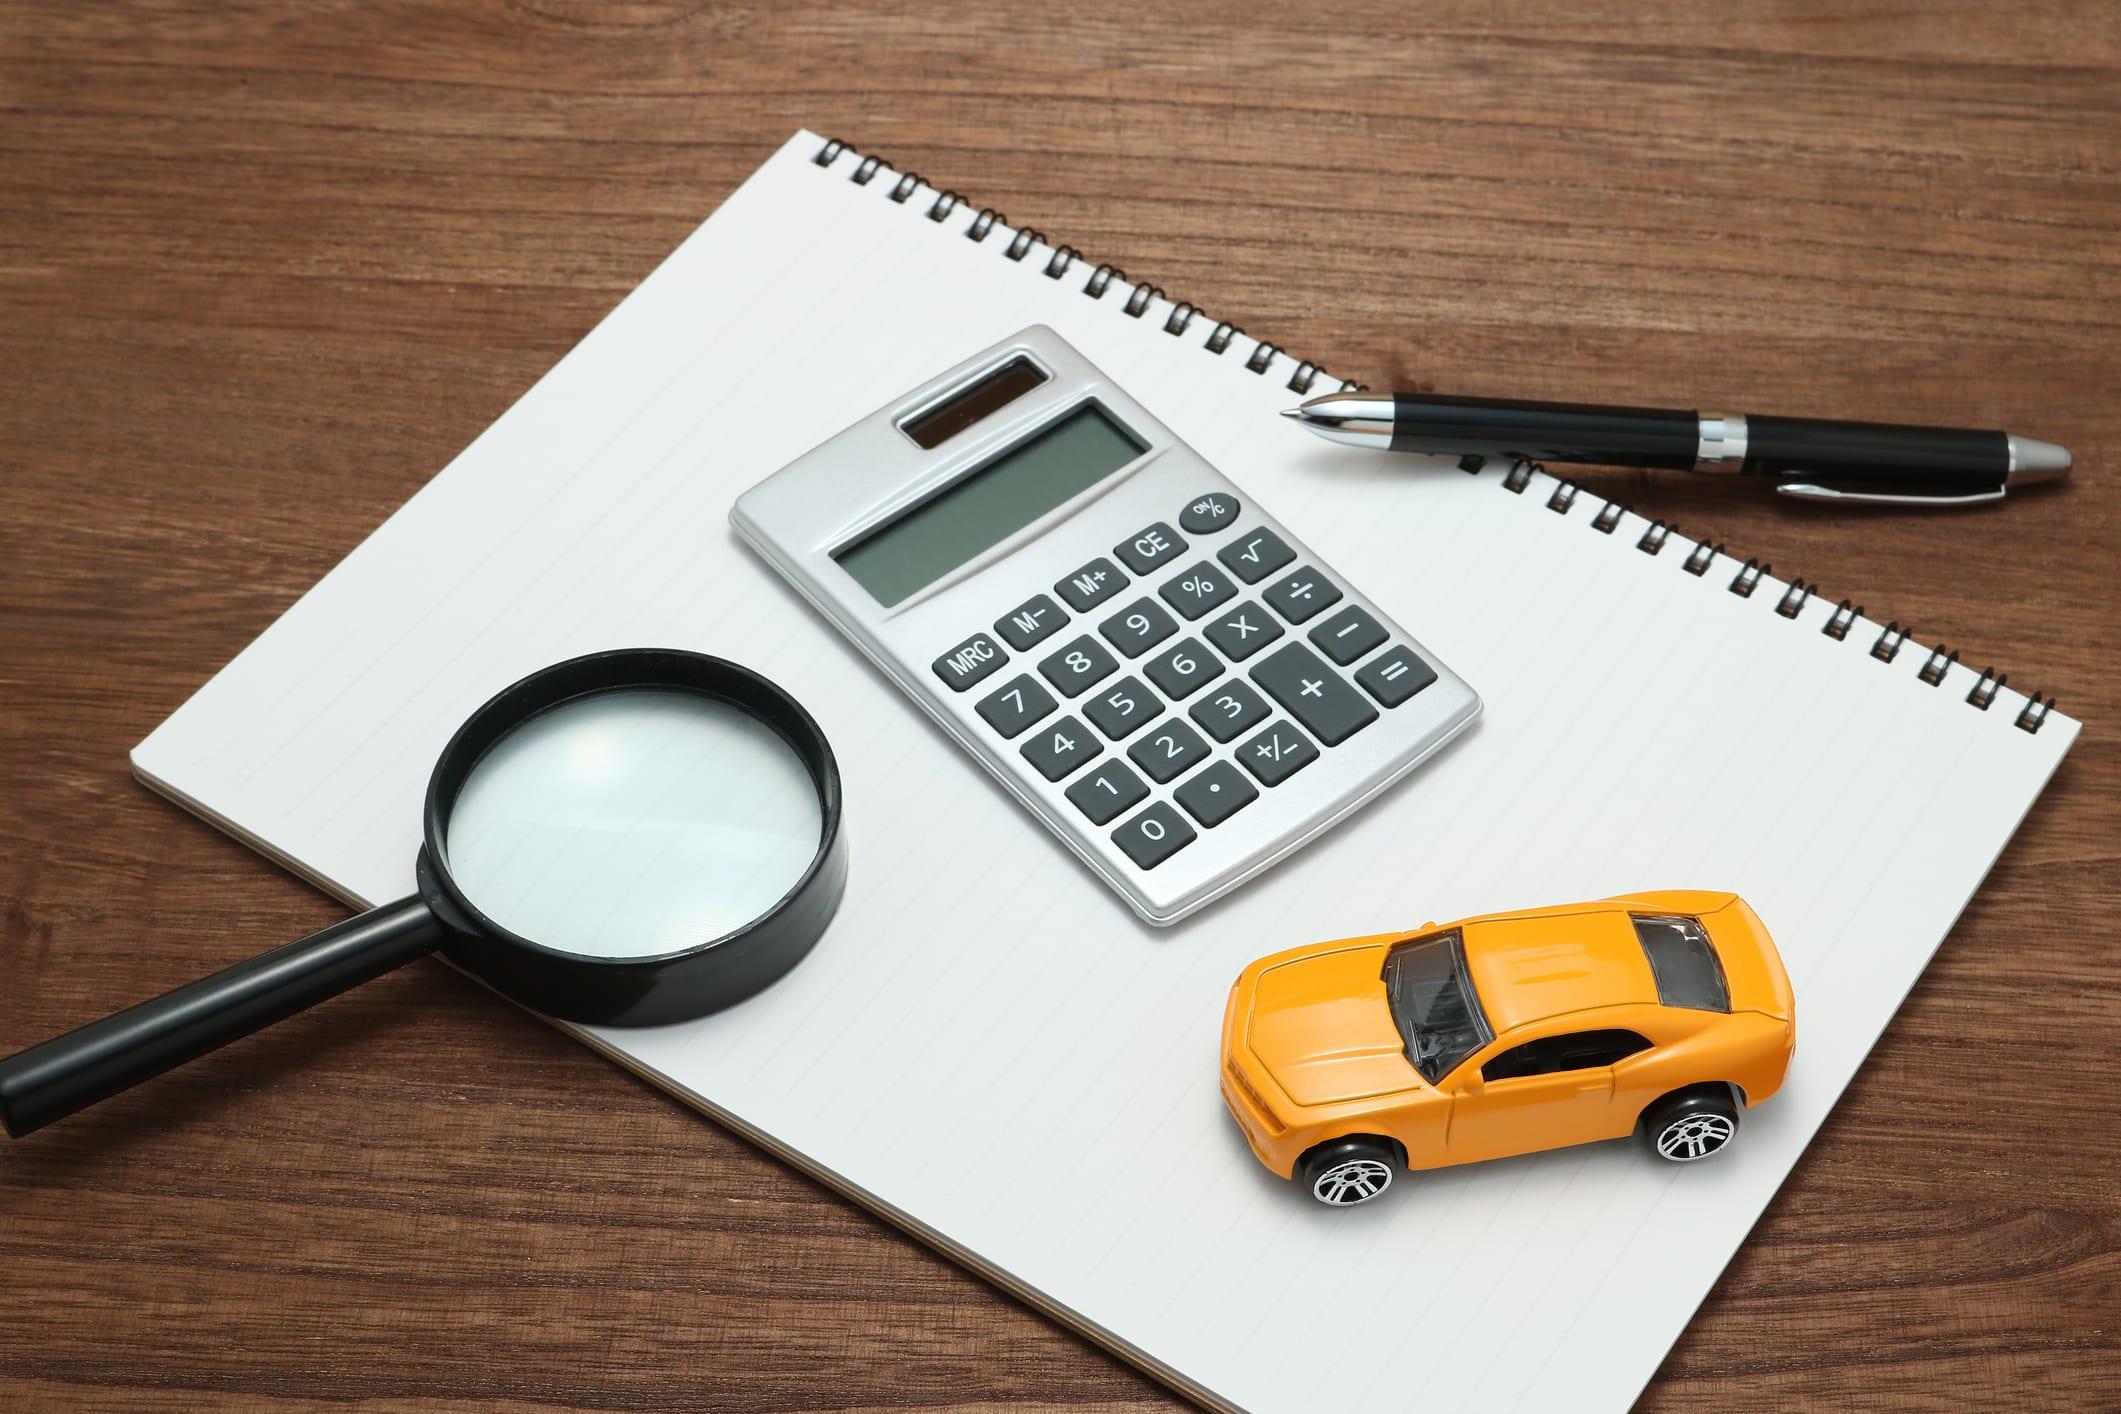 Calcul des conséquences financières de la résiliation